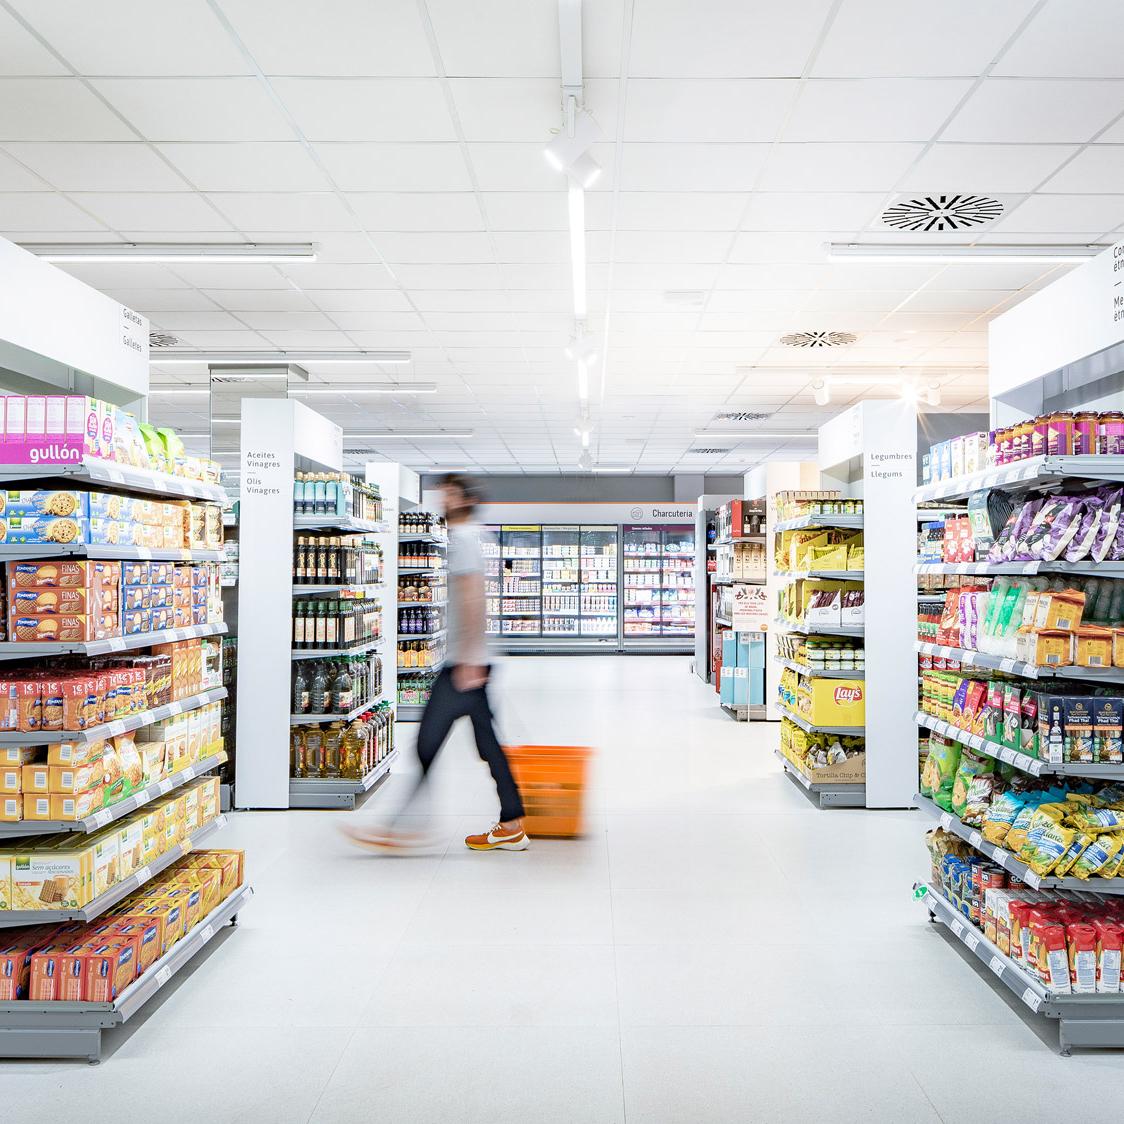 Culdesac designs coherent interiors for Consum supermarket in Benicàssim